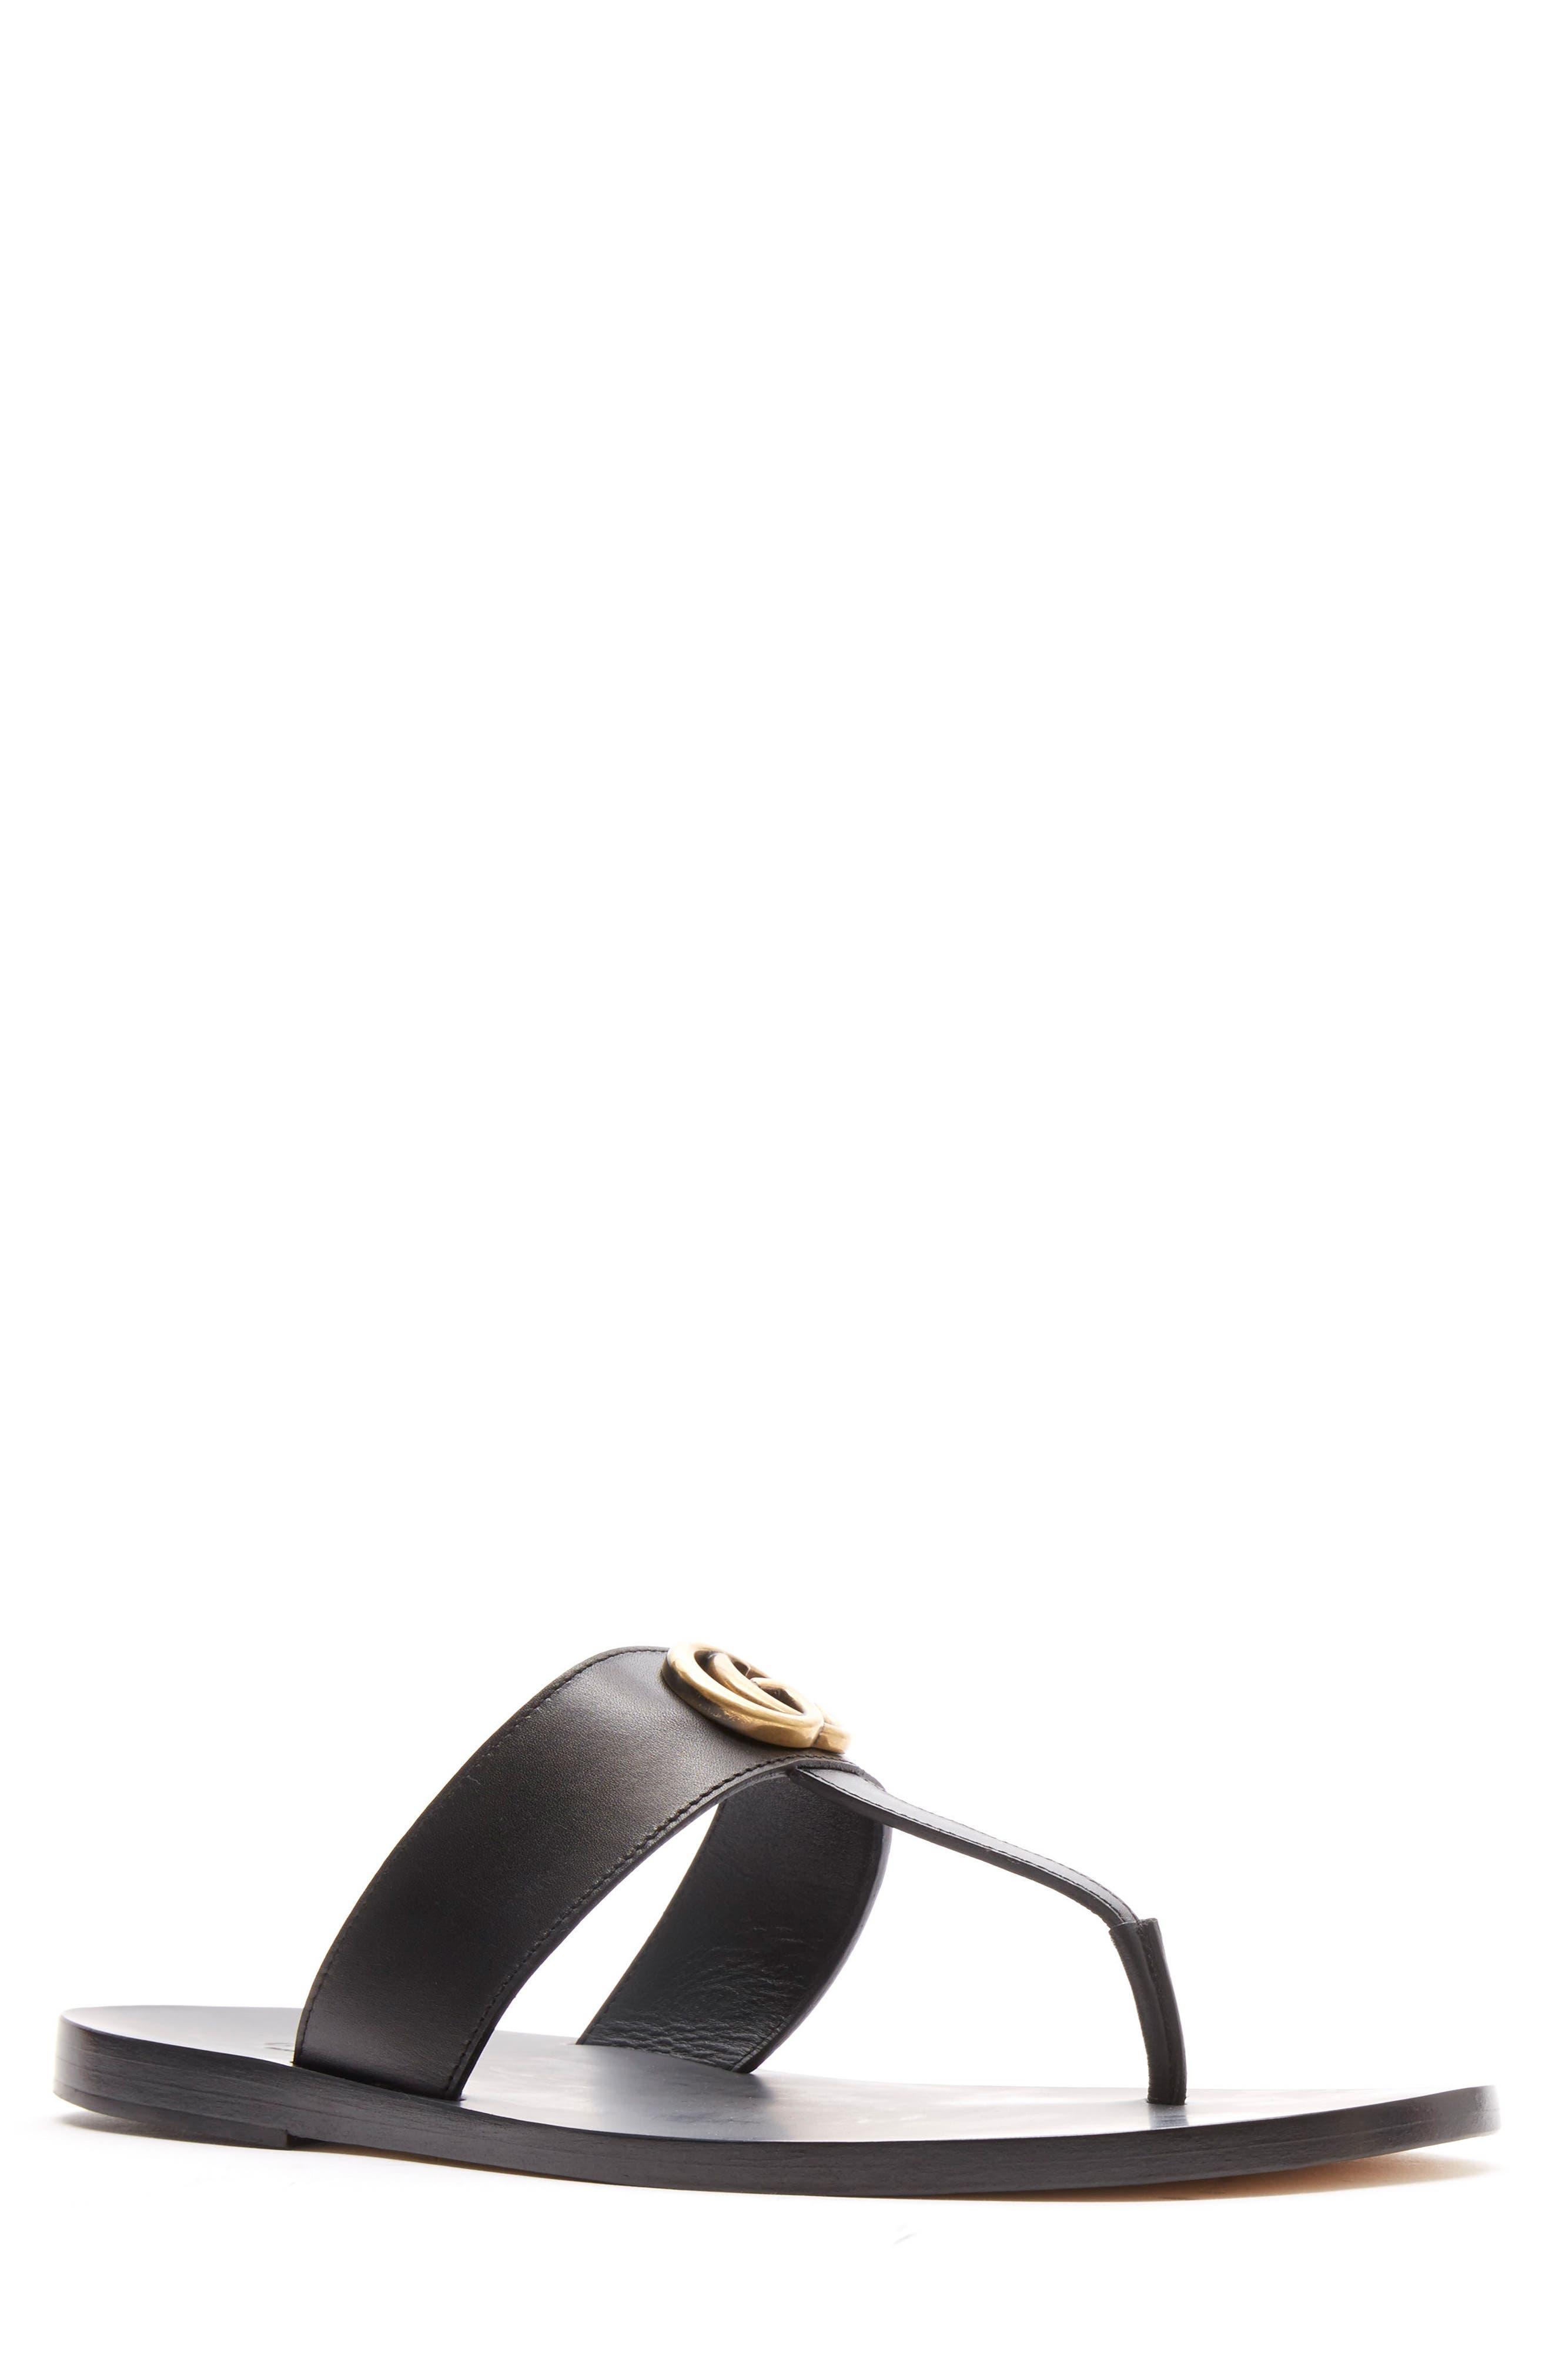 ff32ef2e7419 Men s Gucci Sandals